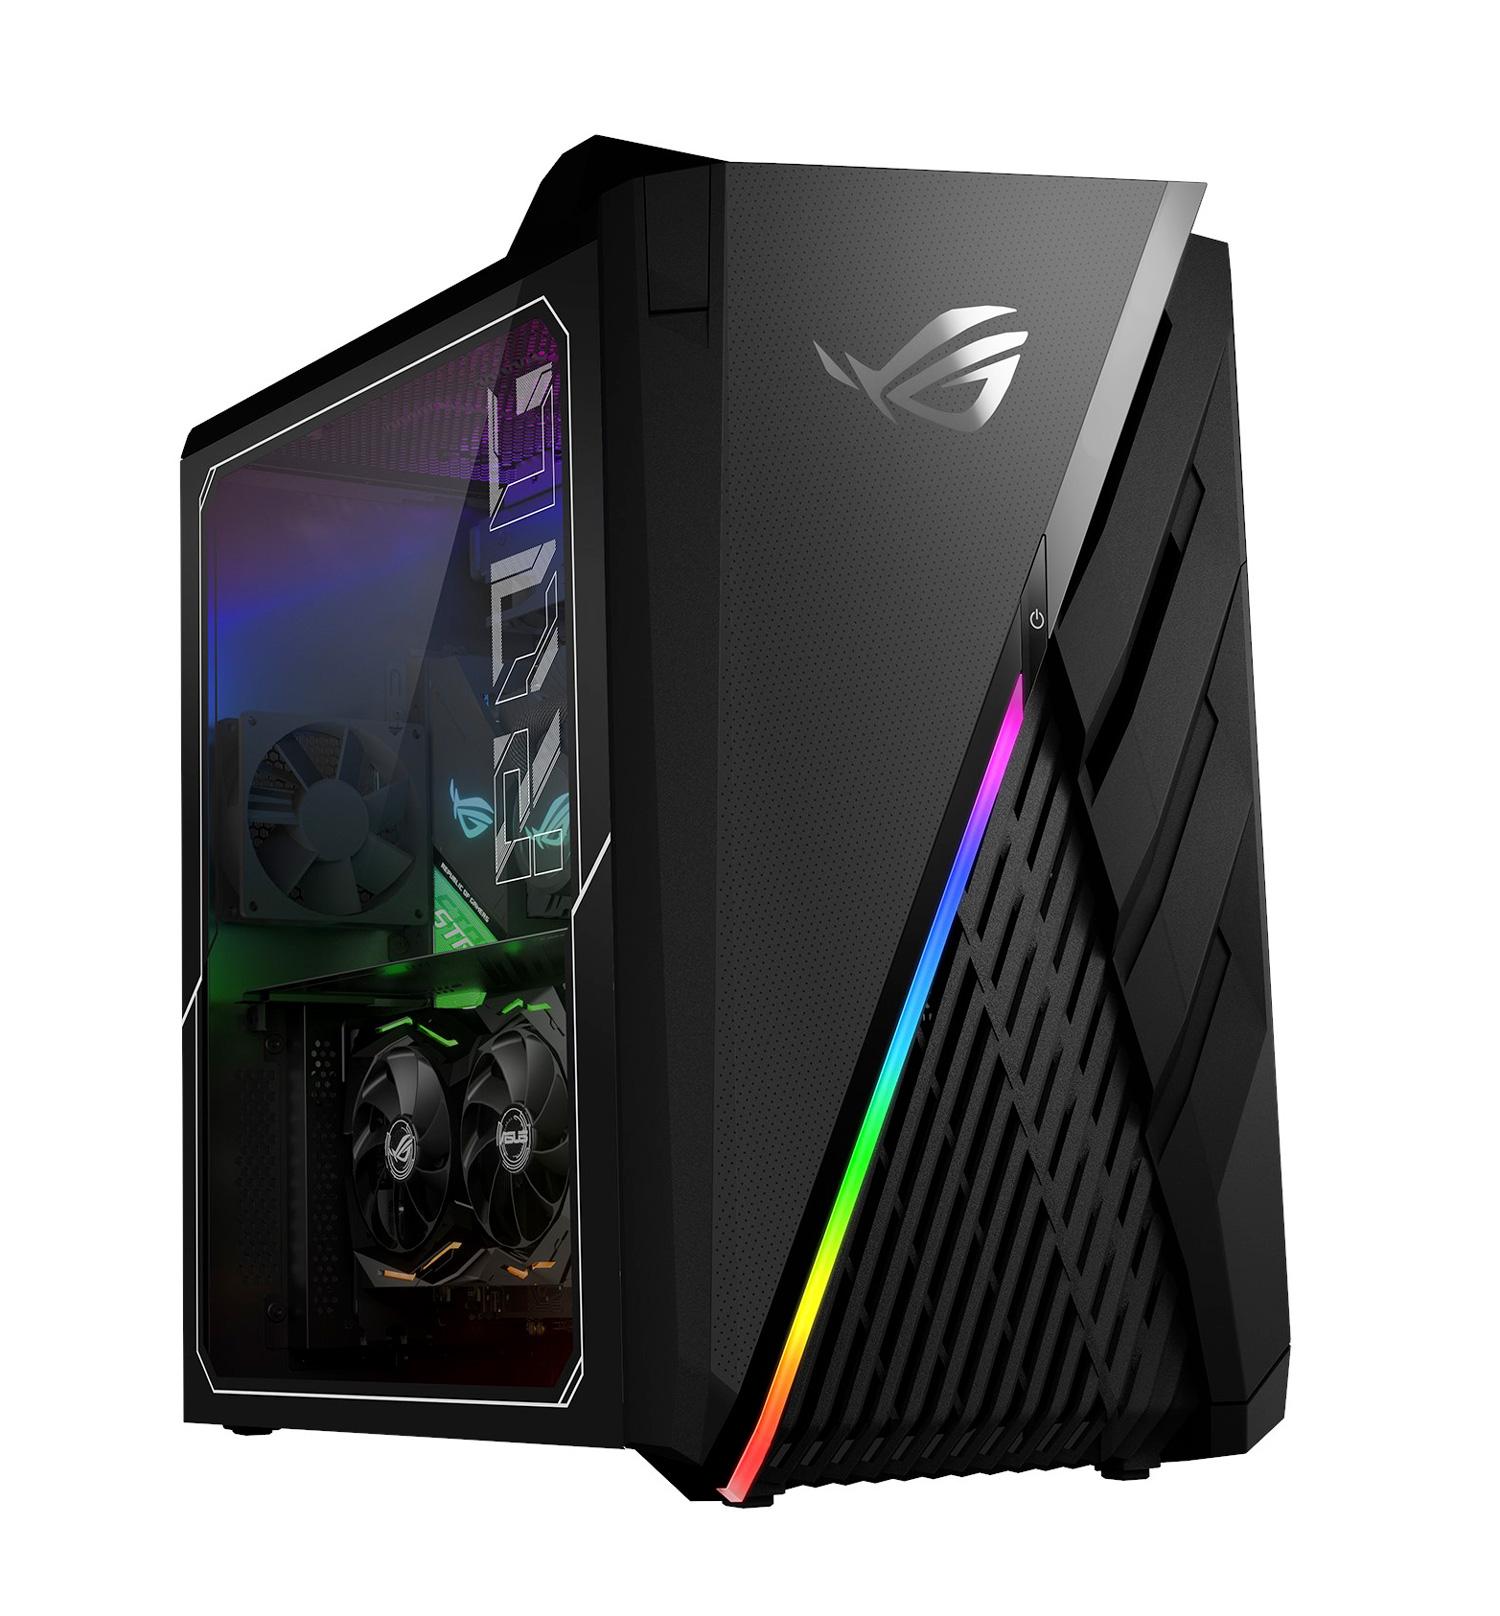 Tour PC Asus ROG Strix GA35DX-FR141T - Ryzen 7-3700X, RAM 32 Go, RTX 3080 (10 Go), SSD 1 To, Windows 10